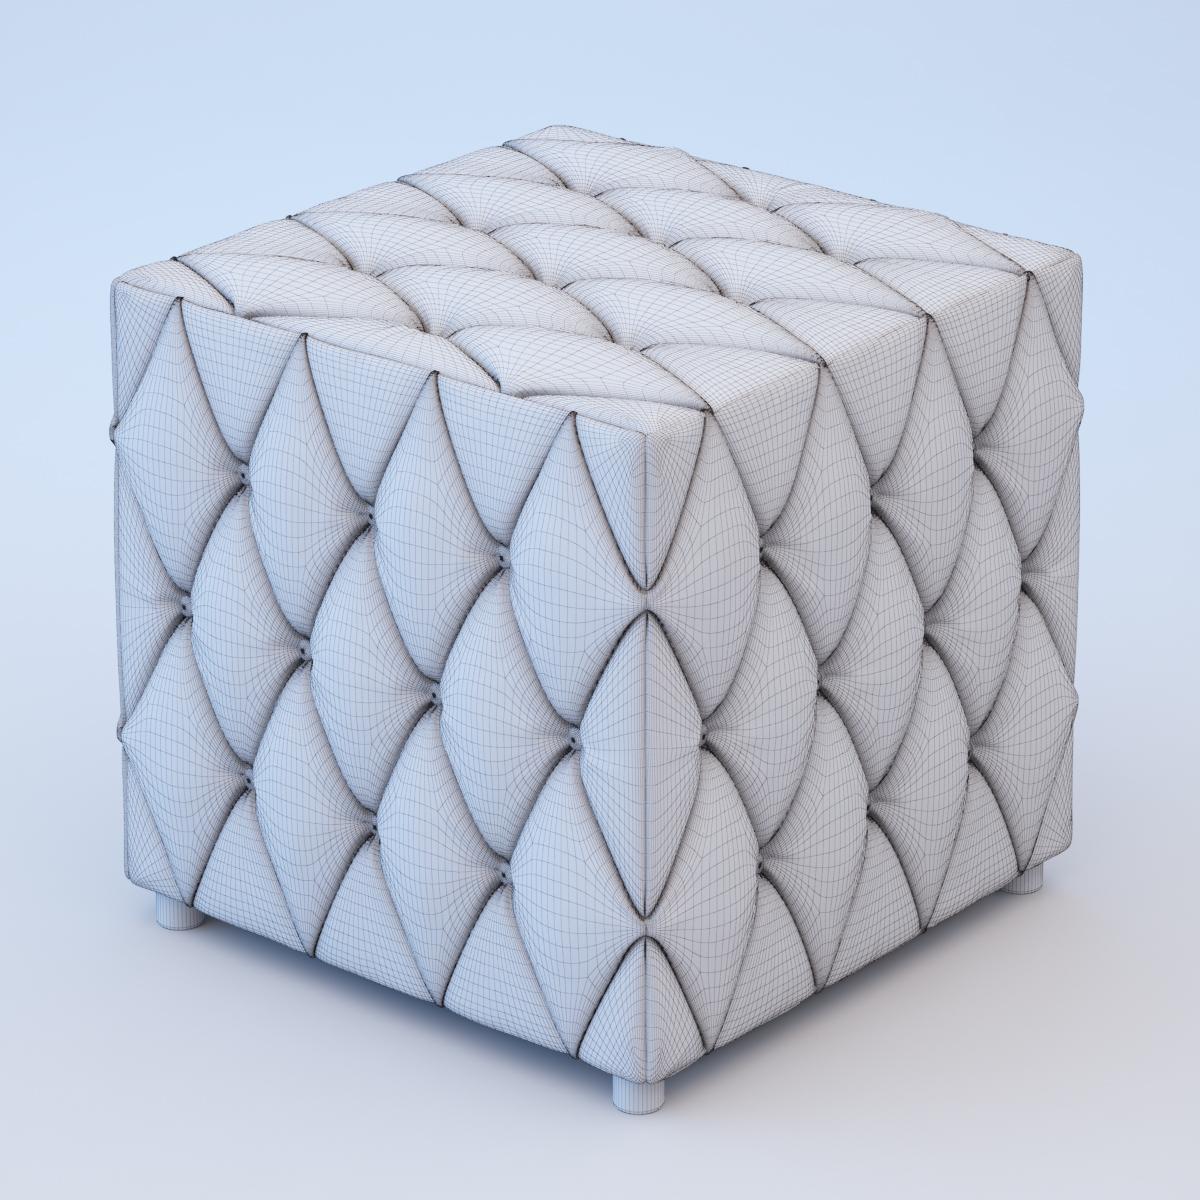 3D Velvet pouf | CGTrader